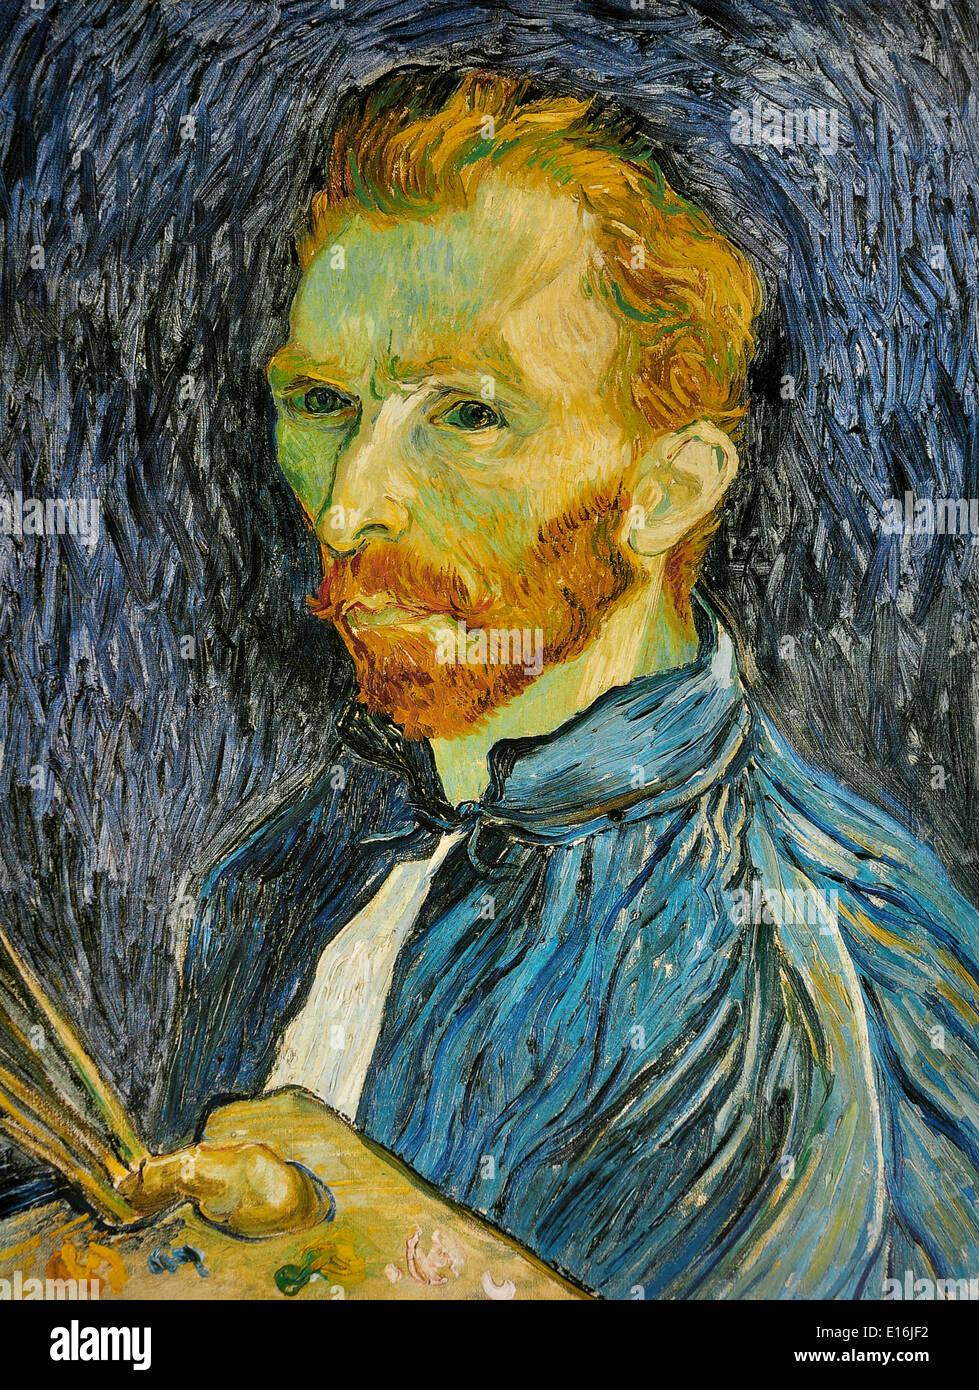 Self-portrait by Vincent Van Gogh, 1889 - Stock Image